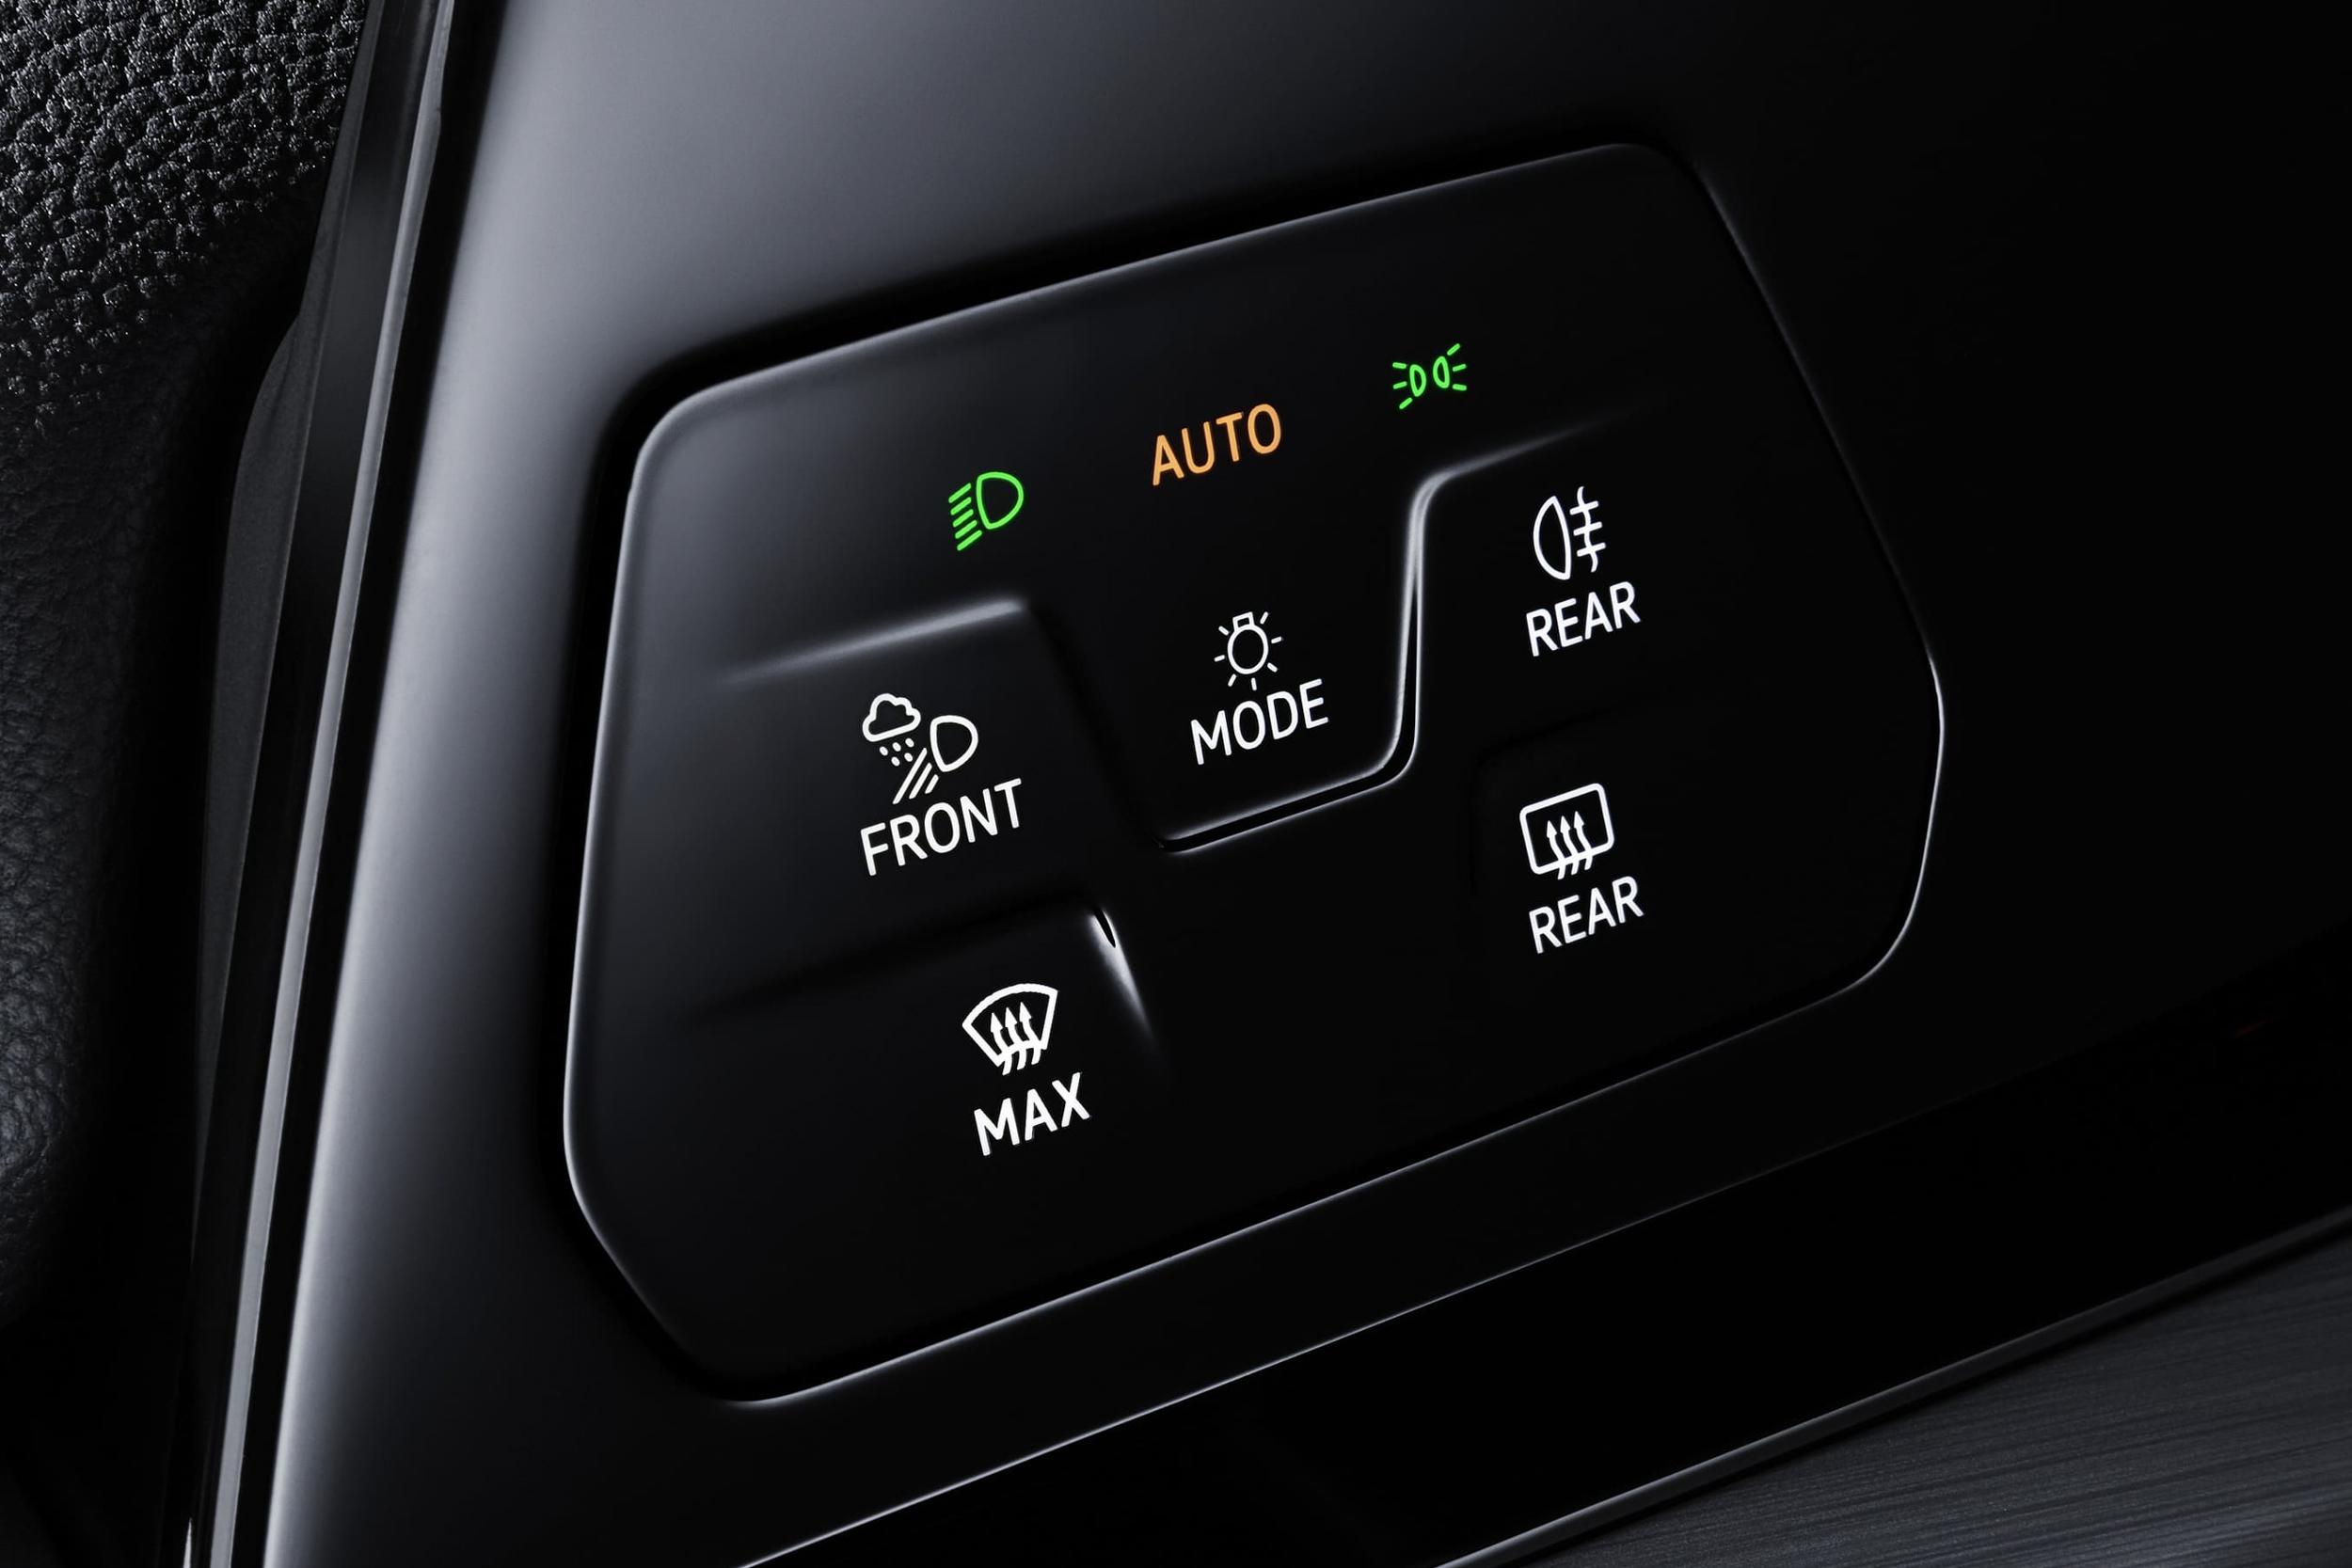 駕駛左側的頭燈控制介面也採用智慧觸控式面板。